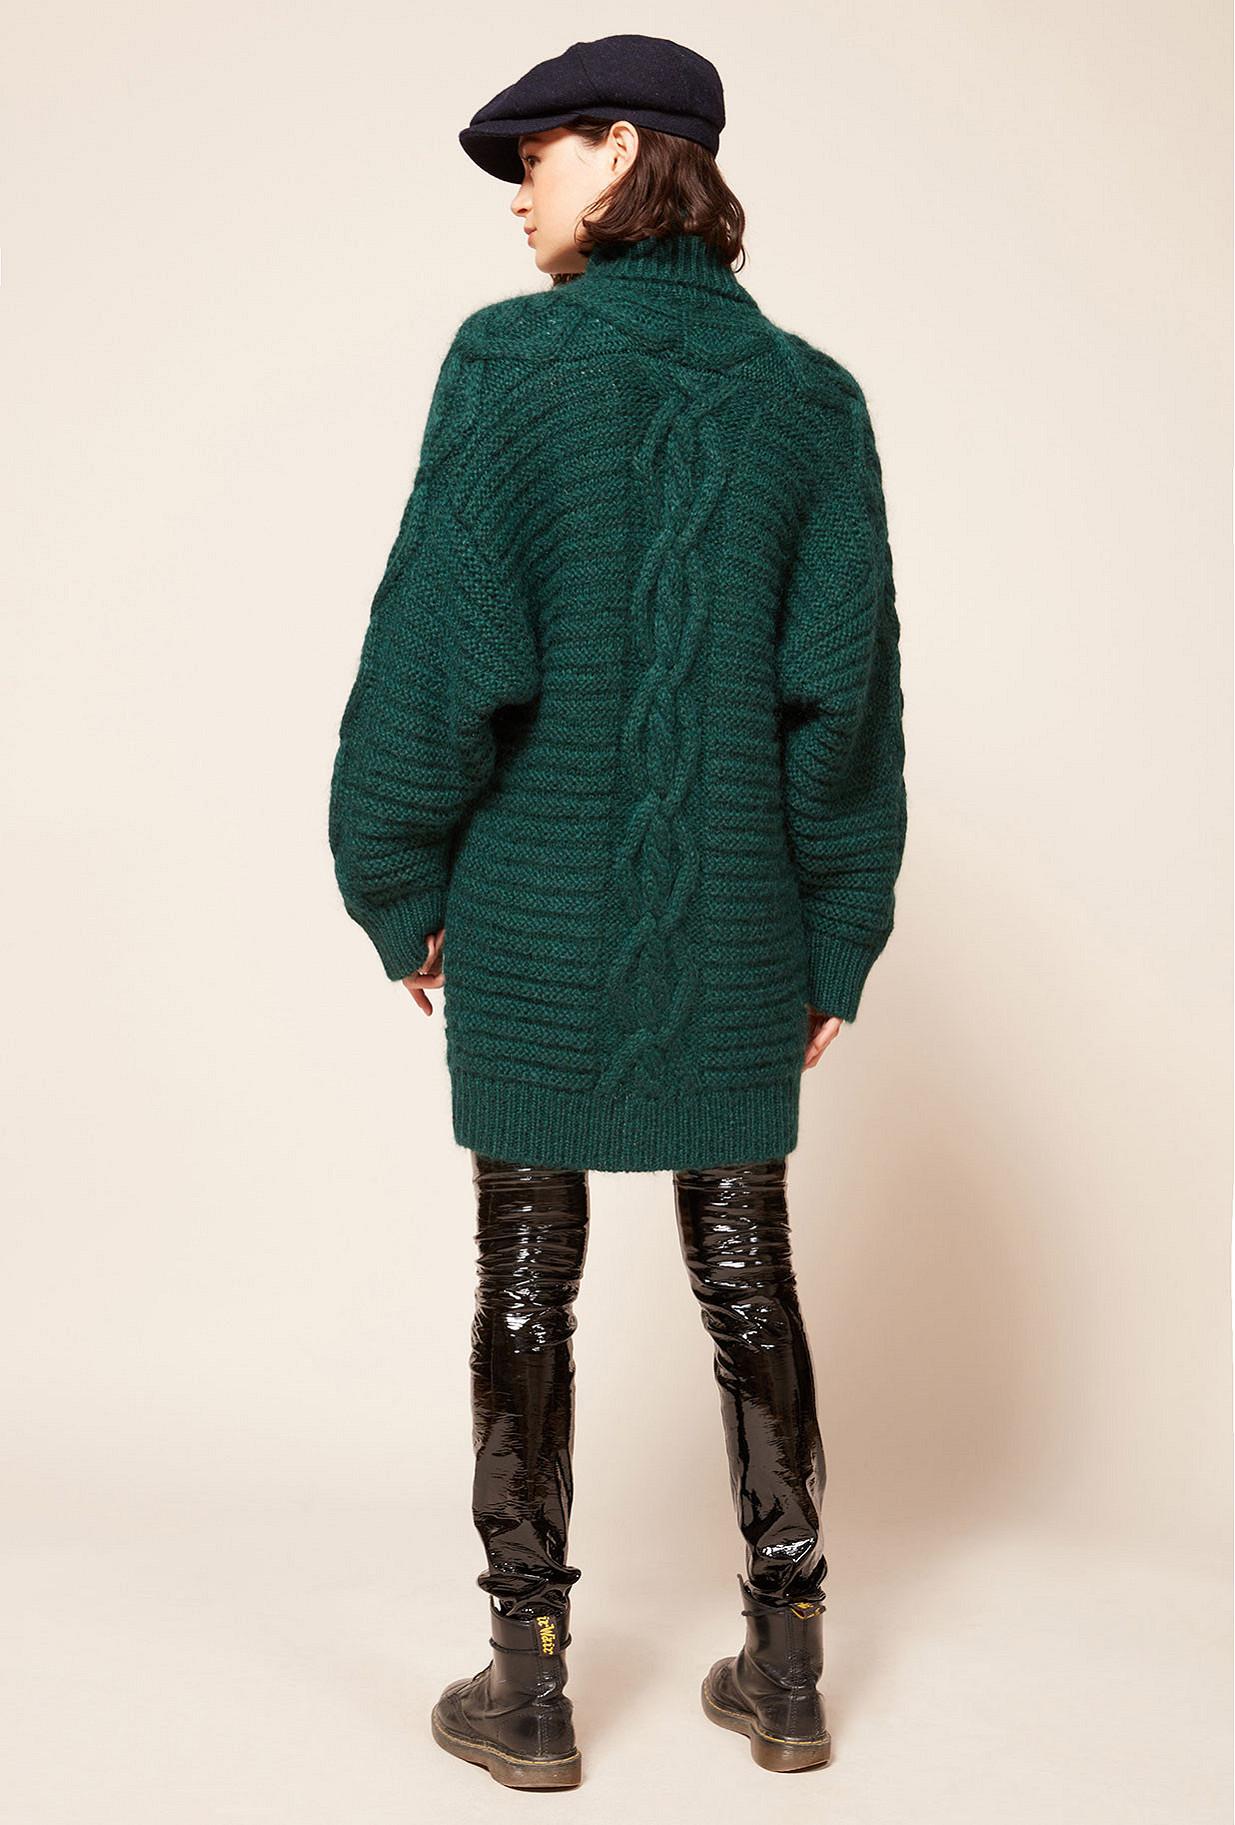 Cardigan Vert  Coaz mes demoiselles paris vêtement femme paris